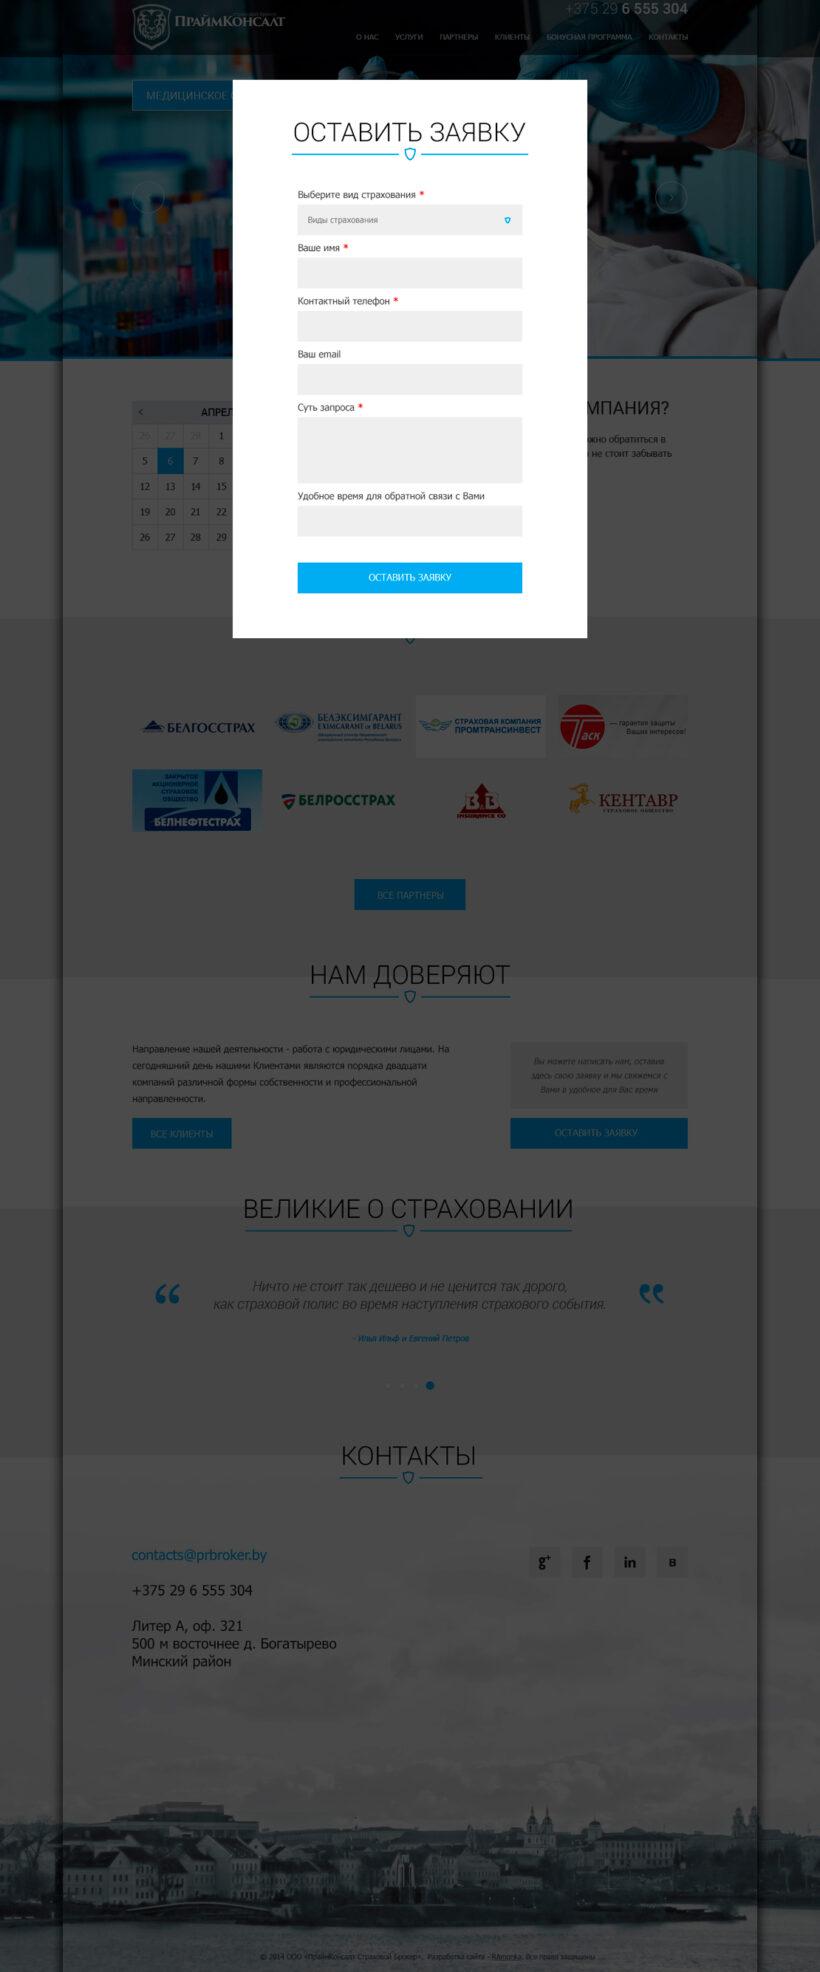 Full Stack Web Development for Insurance Broker PrimeConsult on CMS Joomla